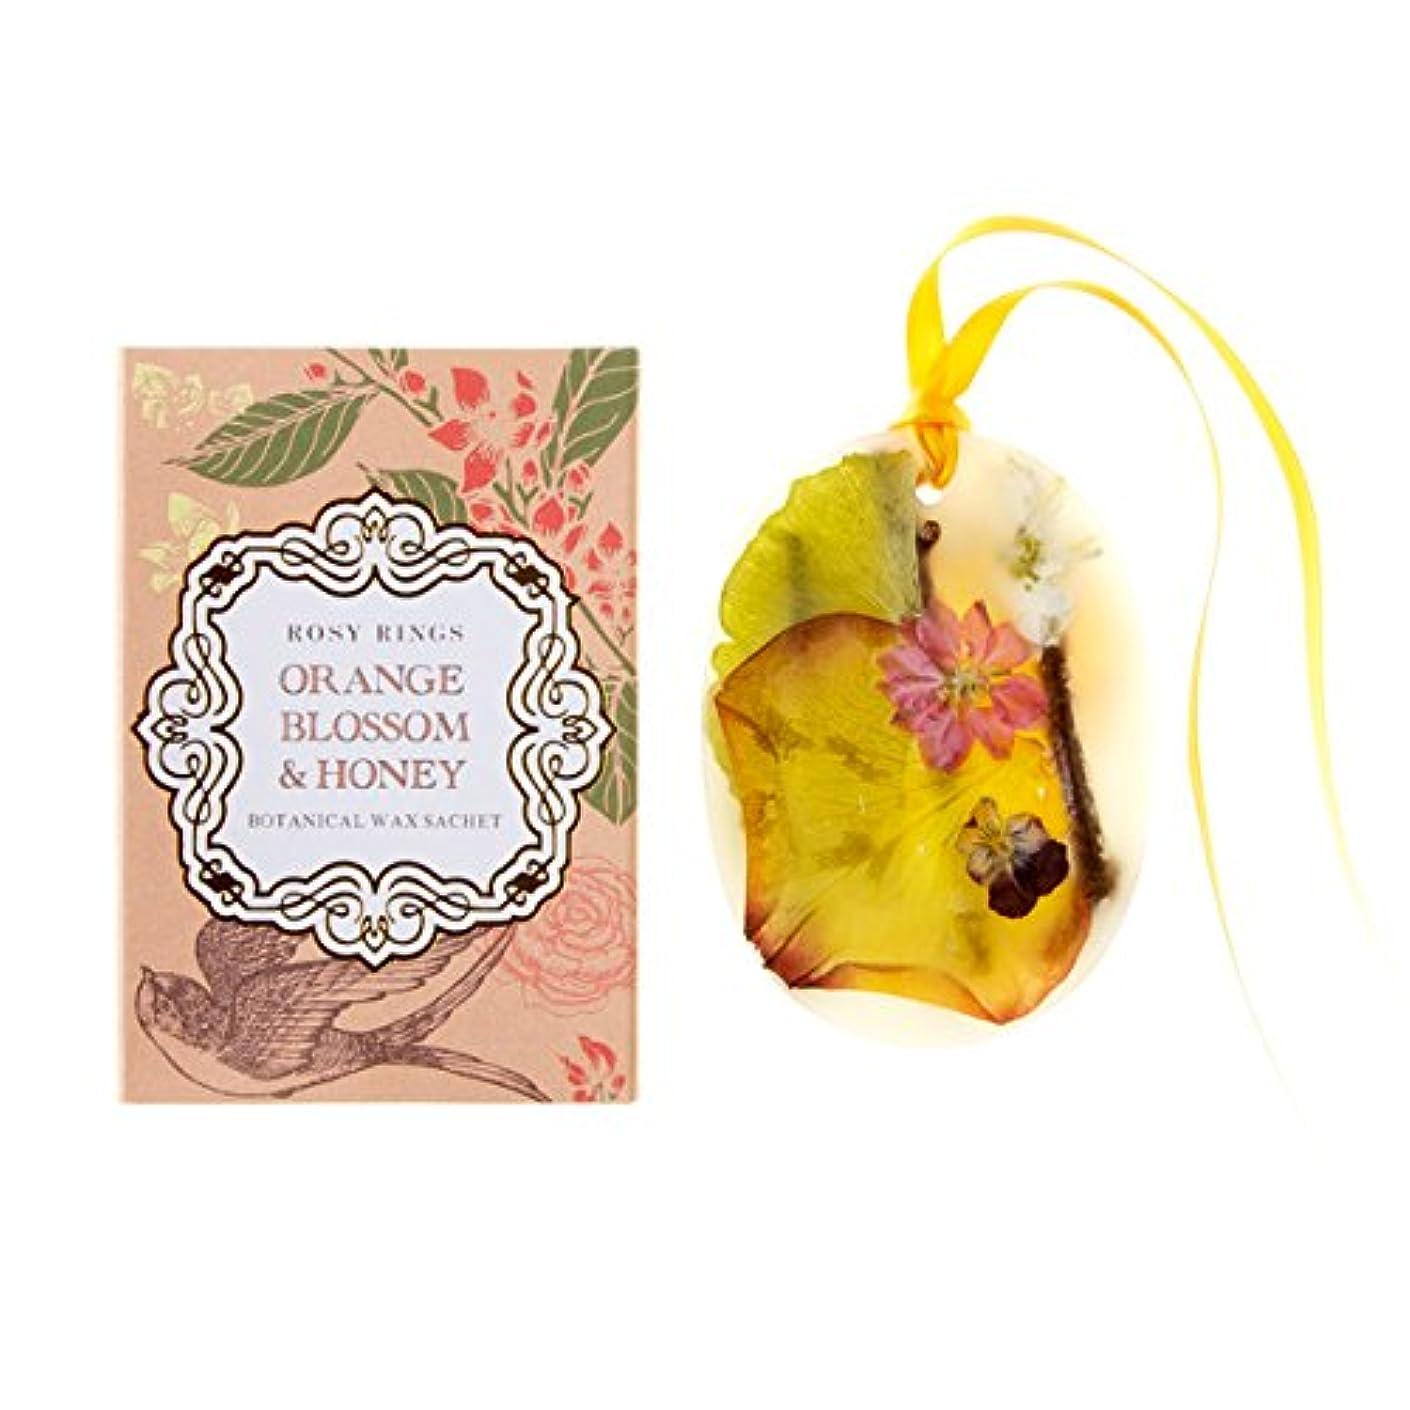 ありそう慢乱すロージーリングス プティボタニカルサシェ オレンジブロッサム&ハニー ROSY RINGS Petite Oval Botanical Wax Sachet Orange Blossom & Honey